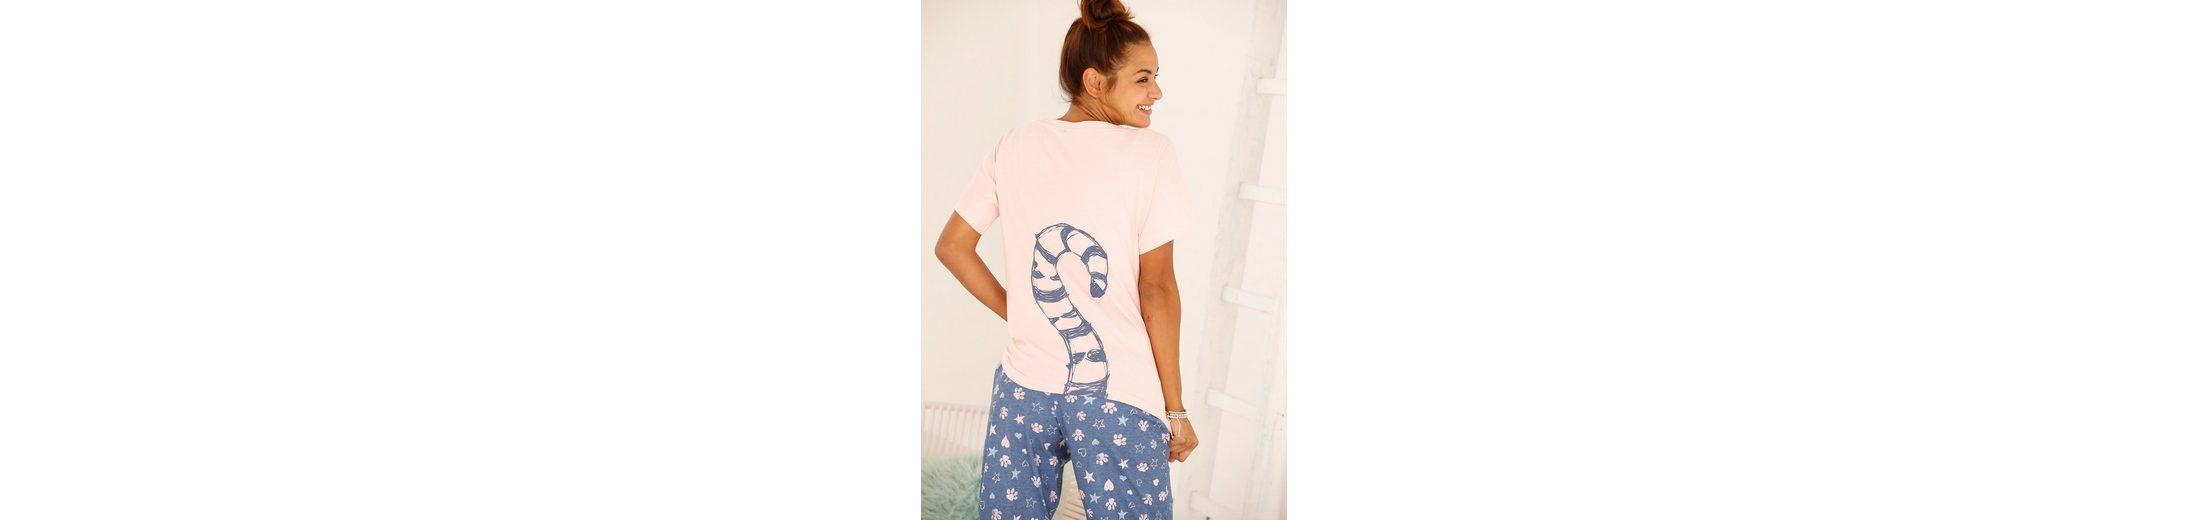 Vivance Dreams Pyjama mit Ringelschwanzprint auf der Rückseite 100% Authentisch Verkauf Online TCBu1KLnh